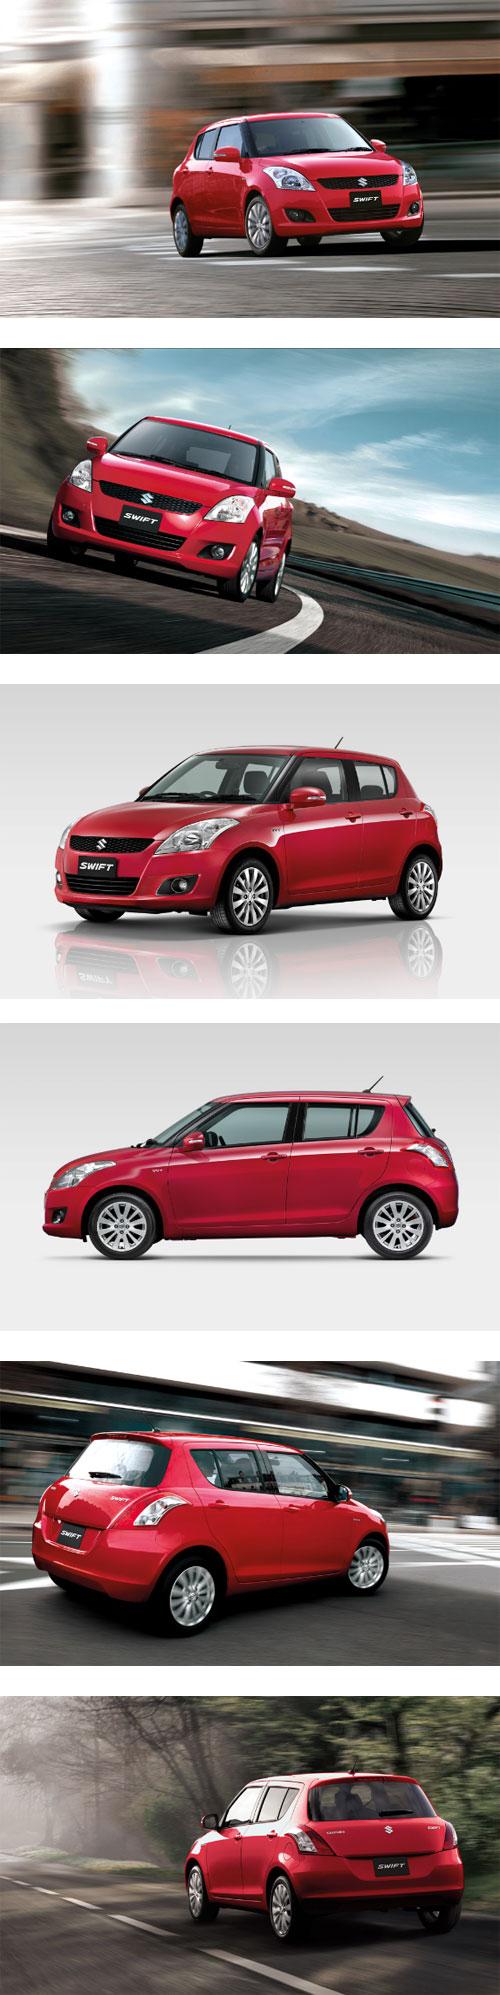 Suzuki Swift 2012 -2